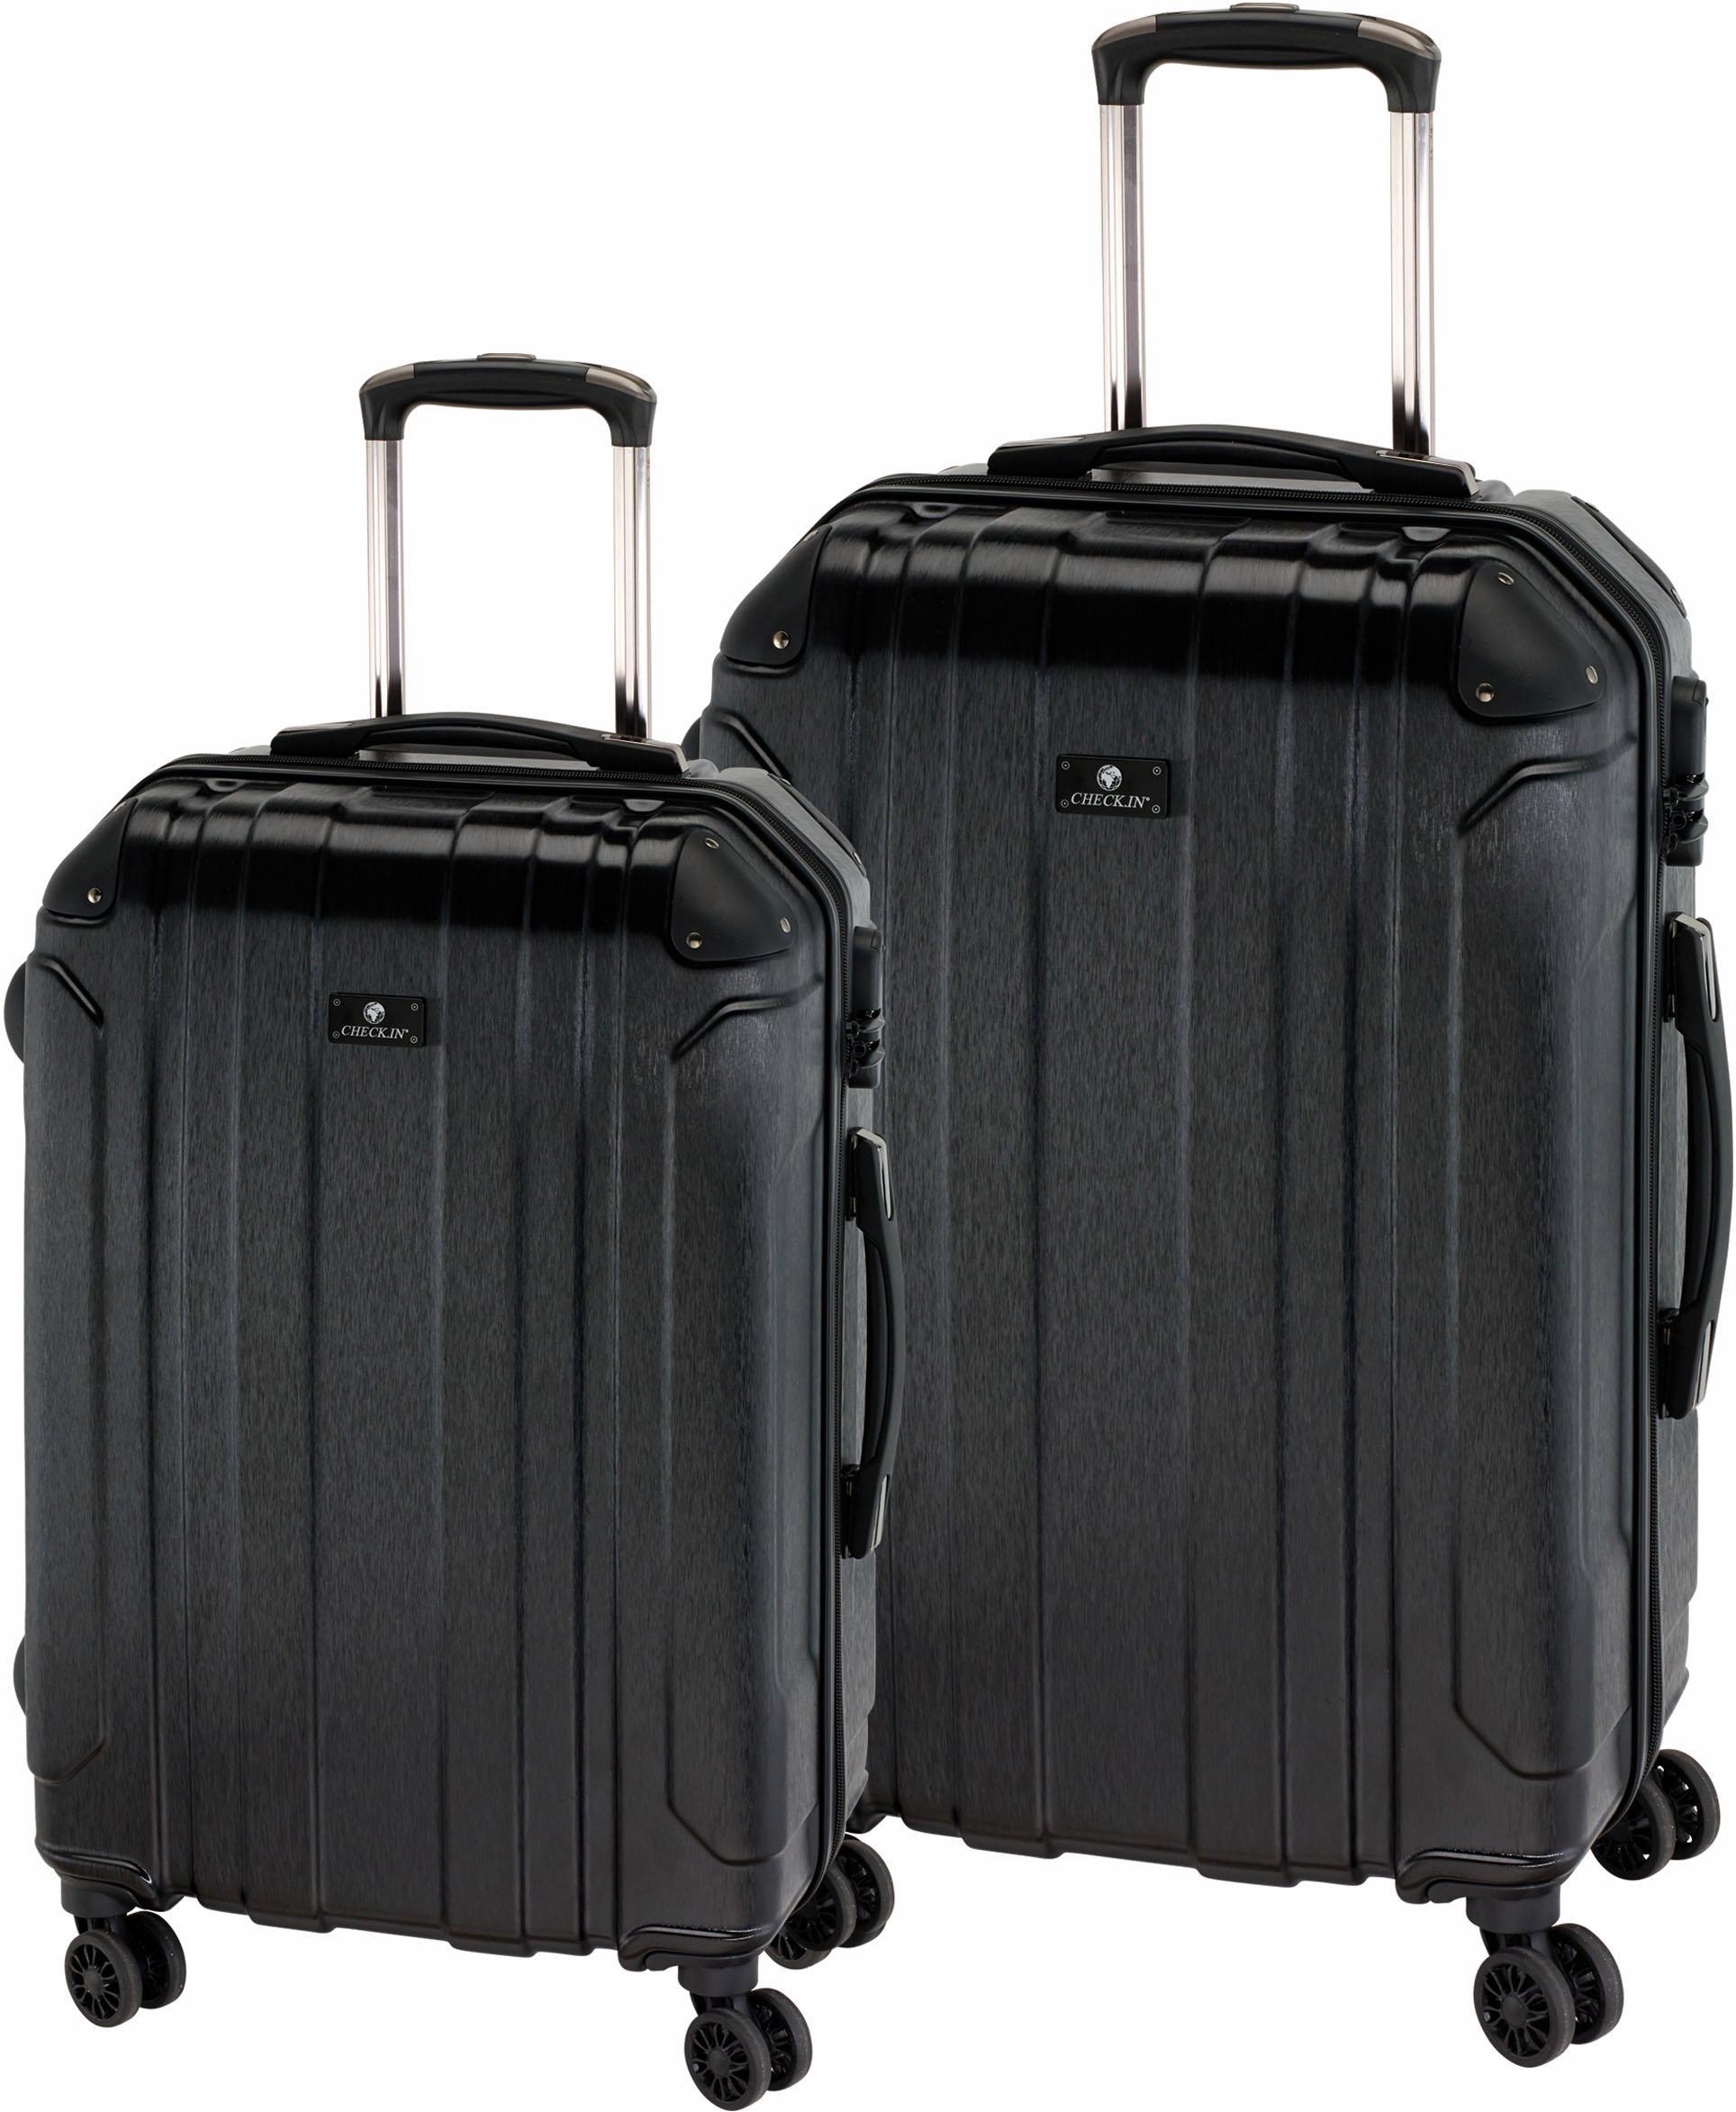 CHECK.IN® Hartschalentrolley Set mit 4 Zwillingsrollen, 2-tlg., »Bilbao« | Taschen > Koffer & Trolleys > Hartschalenkoffer | CHECK IN